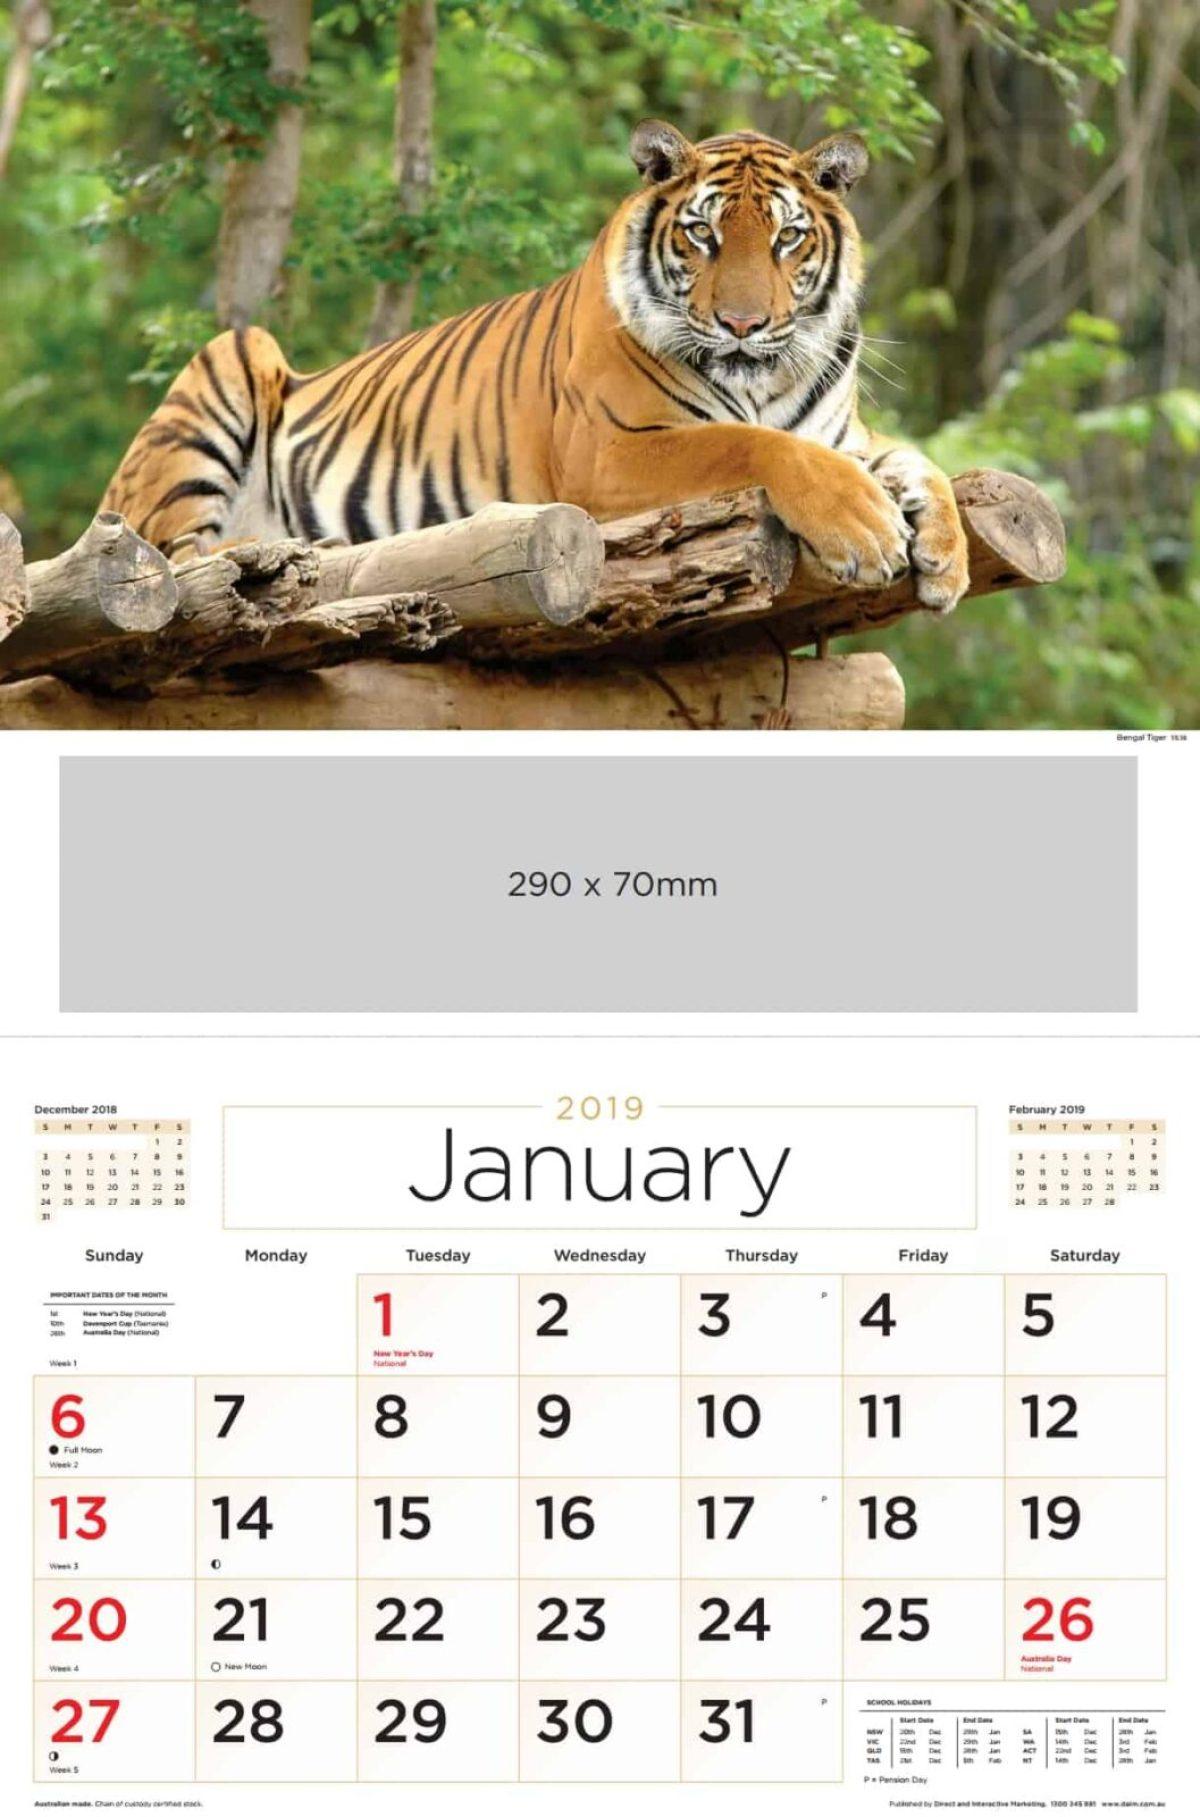 Single Image Calendar